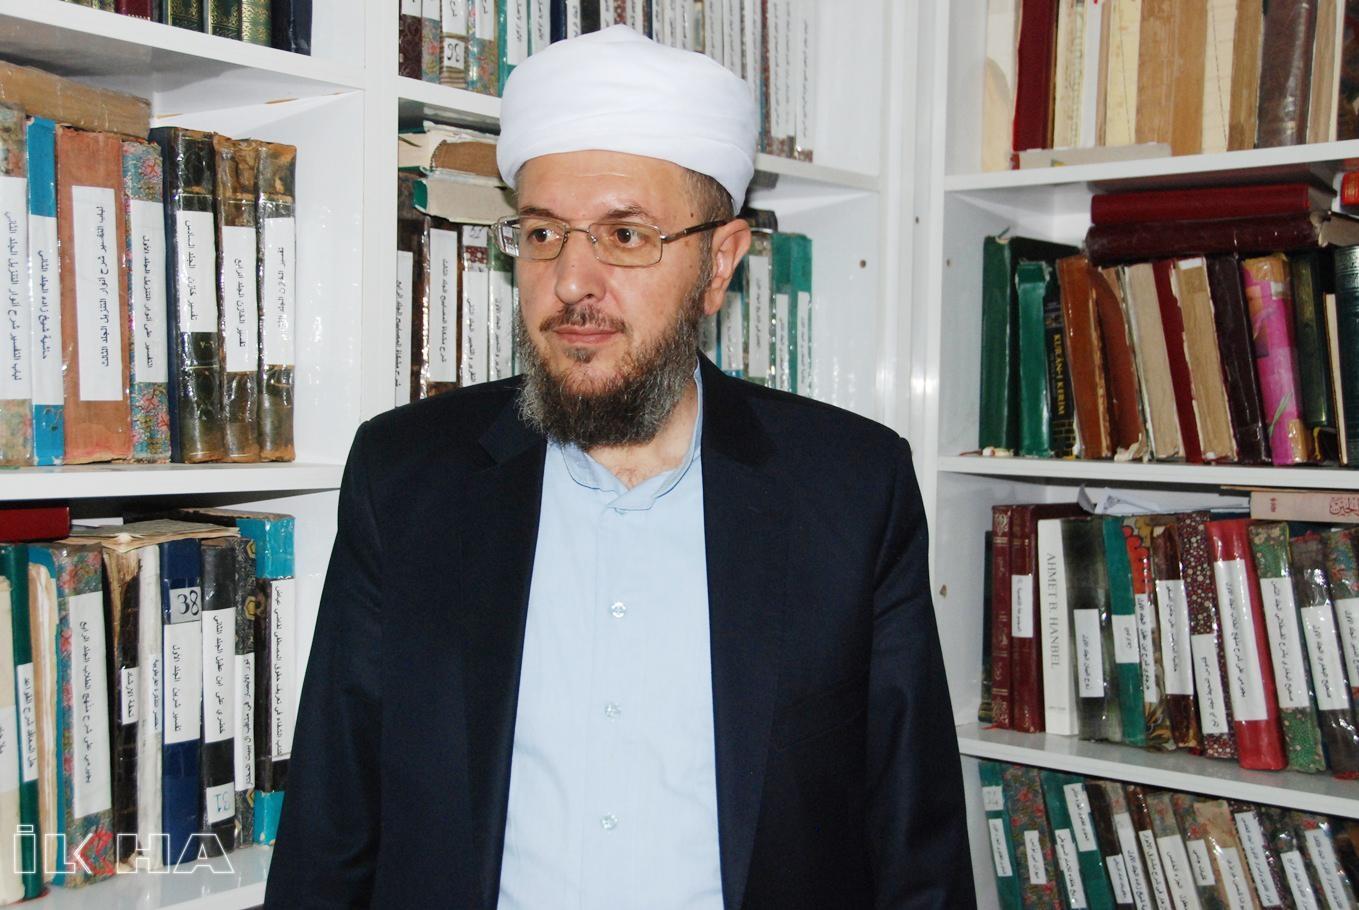 İstanbul Sözleşmesiyle değil İslam Medeniyeti Sözleşmesiyle ailelerimizi koruyabiliriz